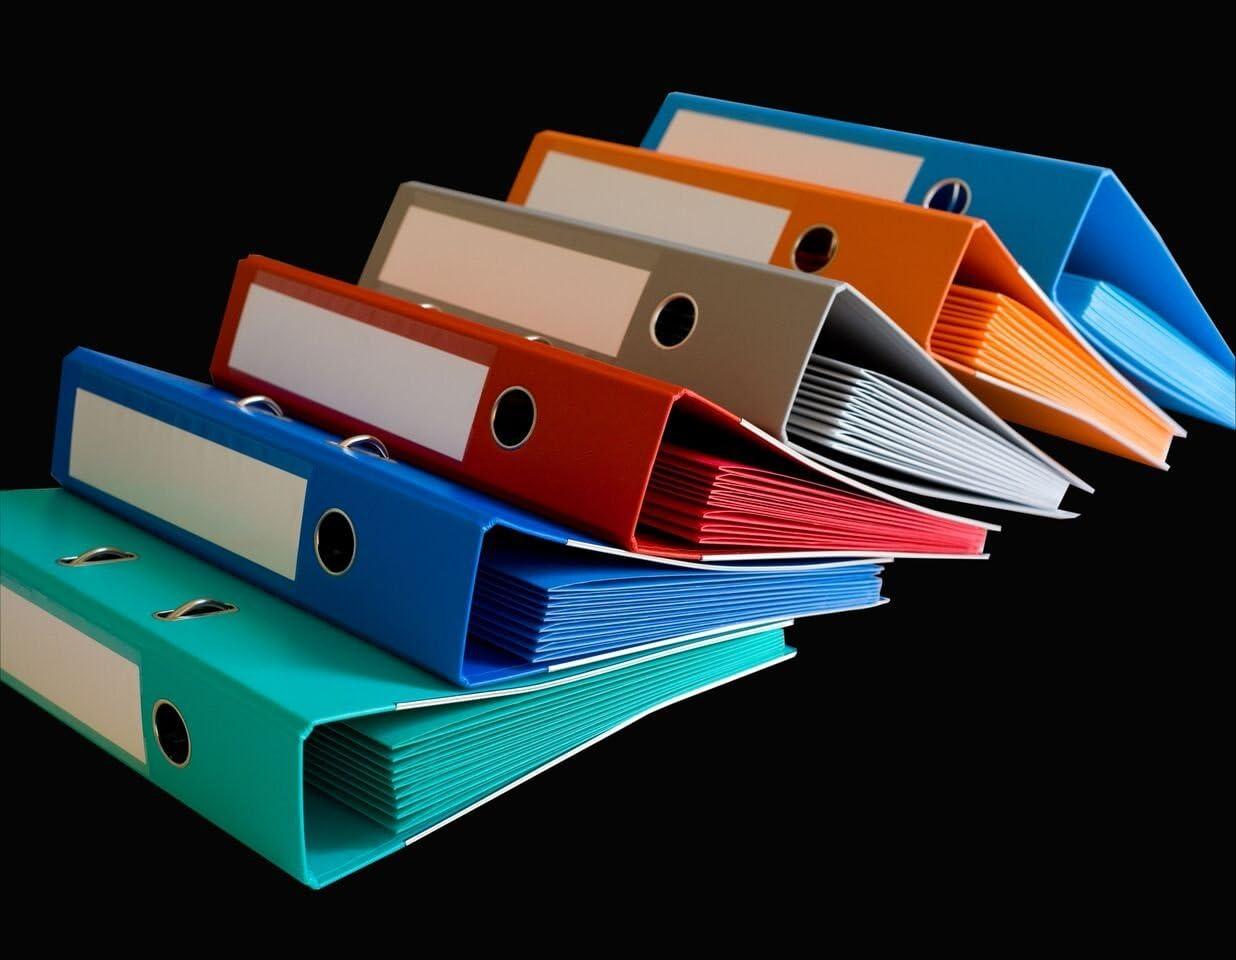 Smartfolder Es 420302 - Kit Archivador a Palanca y 12 Carpetas porta documentos A4 multitaladro Smartfolder, cierre por solapa velcro, arandelas reforzadas, colores surtidos A4